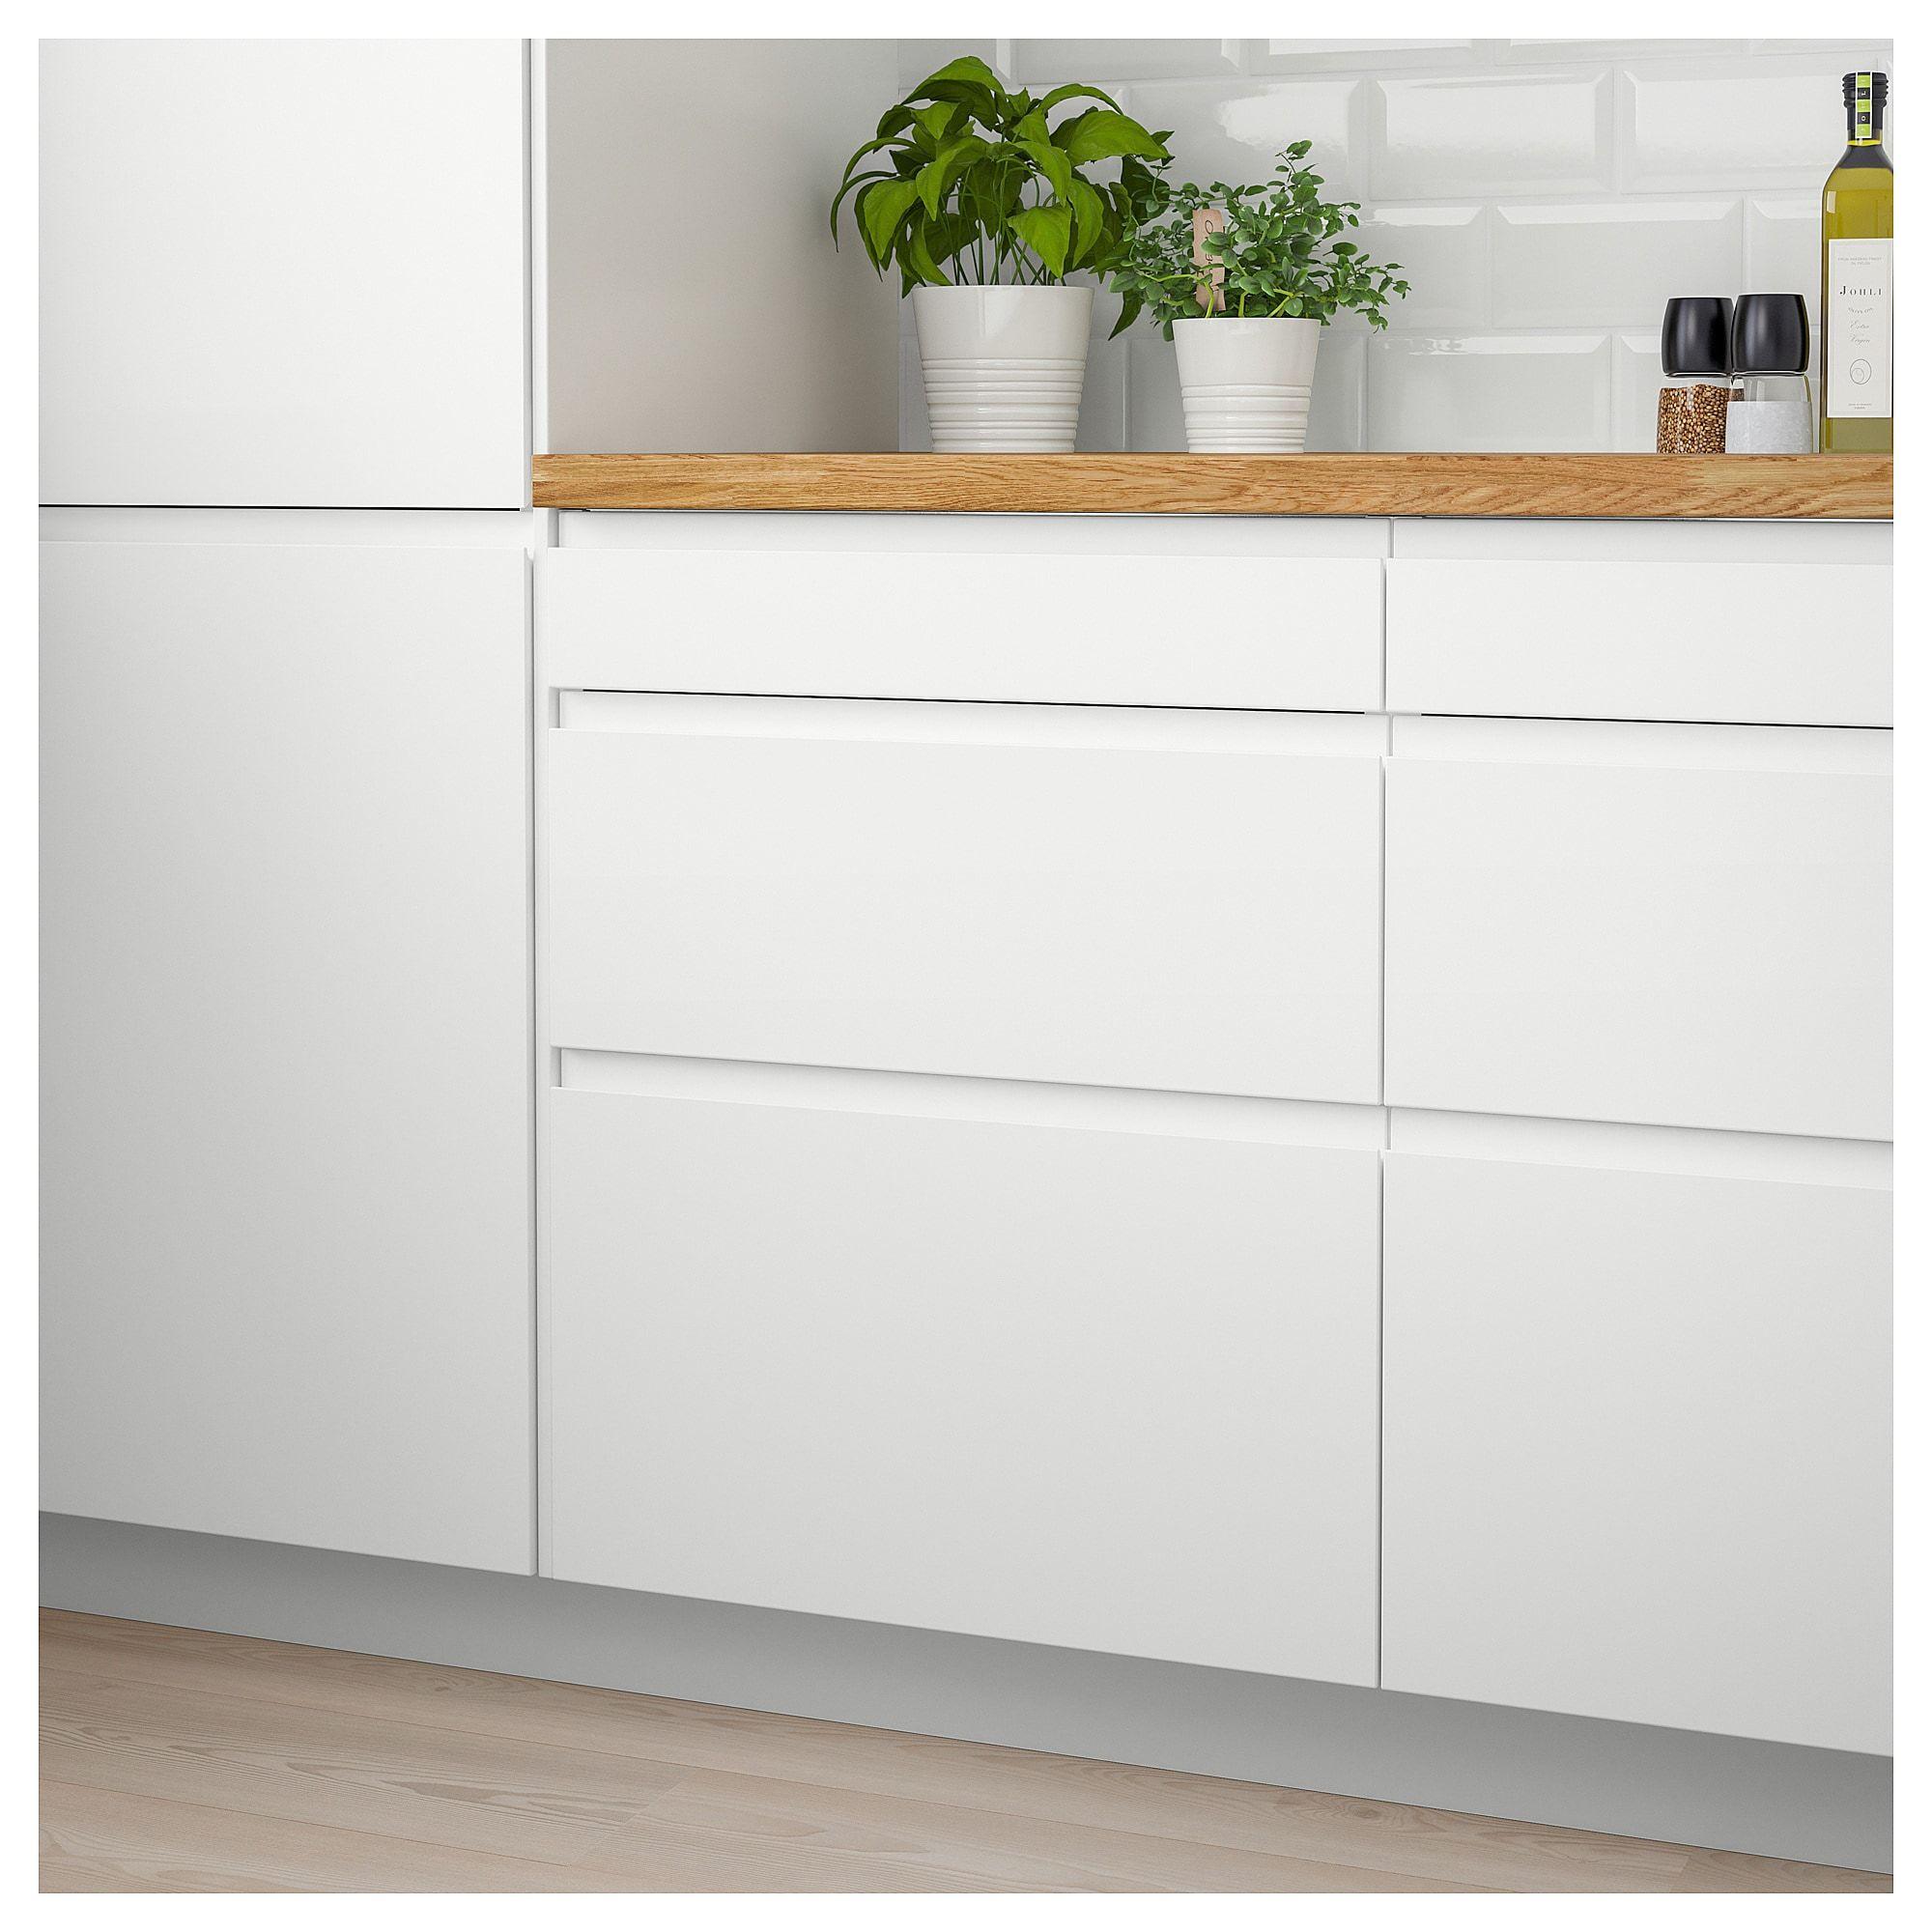 Best Ikea Voxtorp Drawer Front Matt White Interior Design 400 x 300